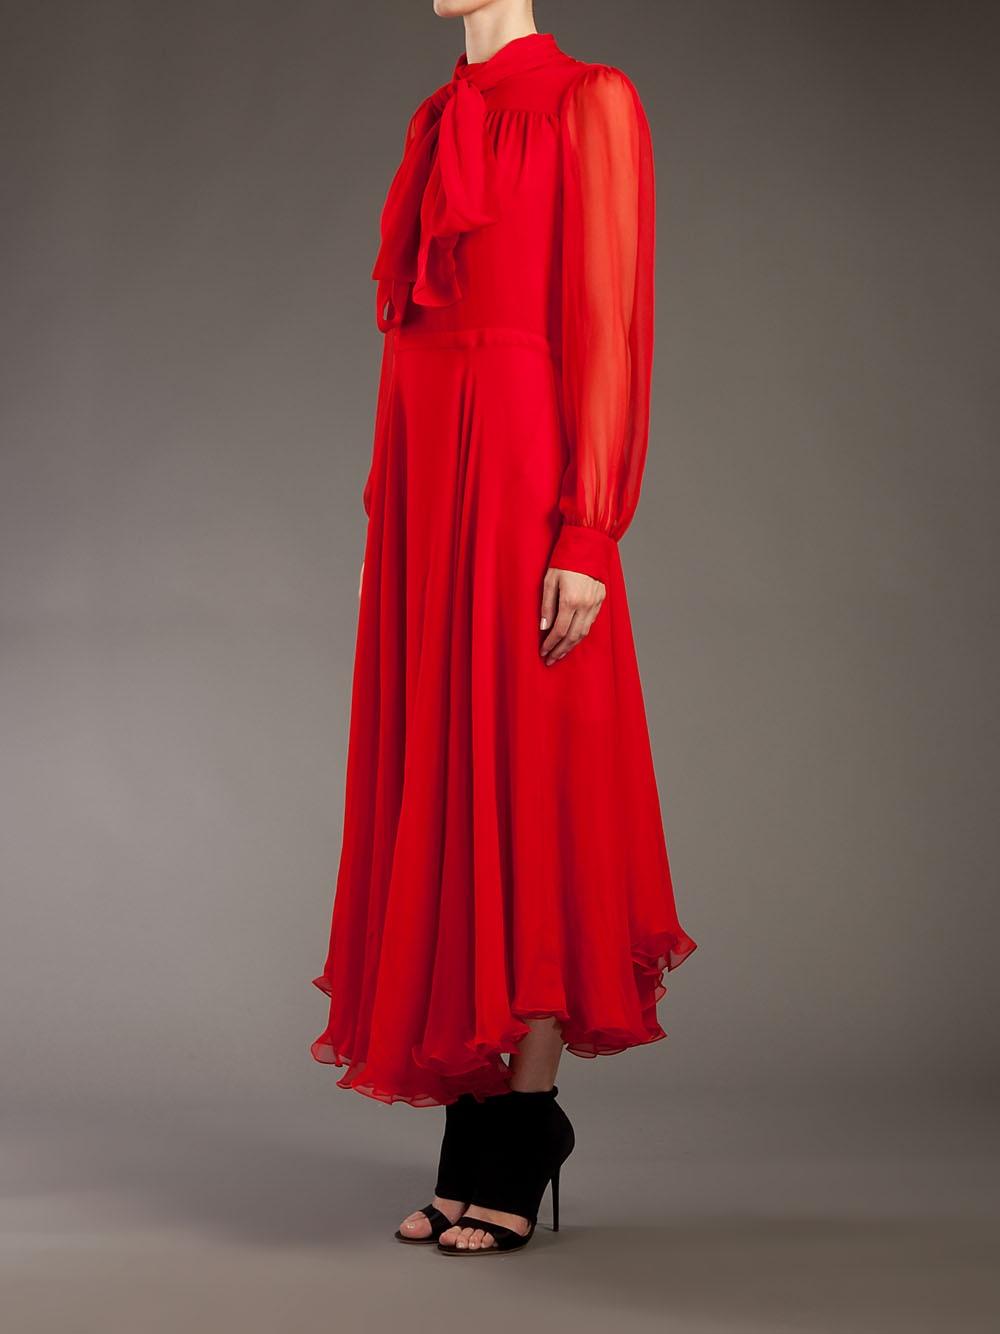 Red Silk Chiffon Dress